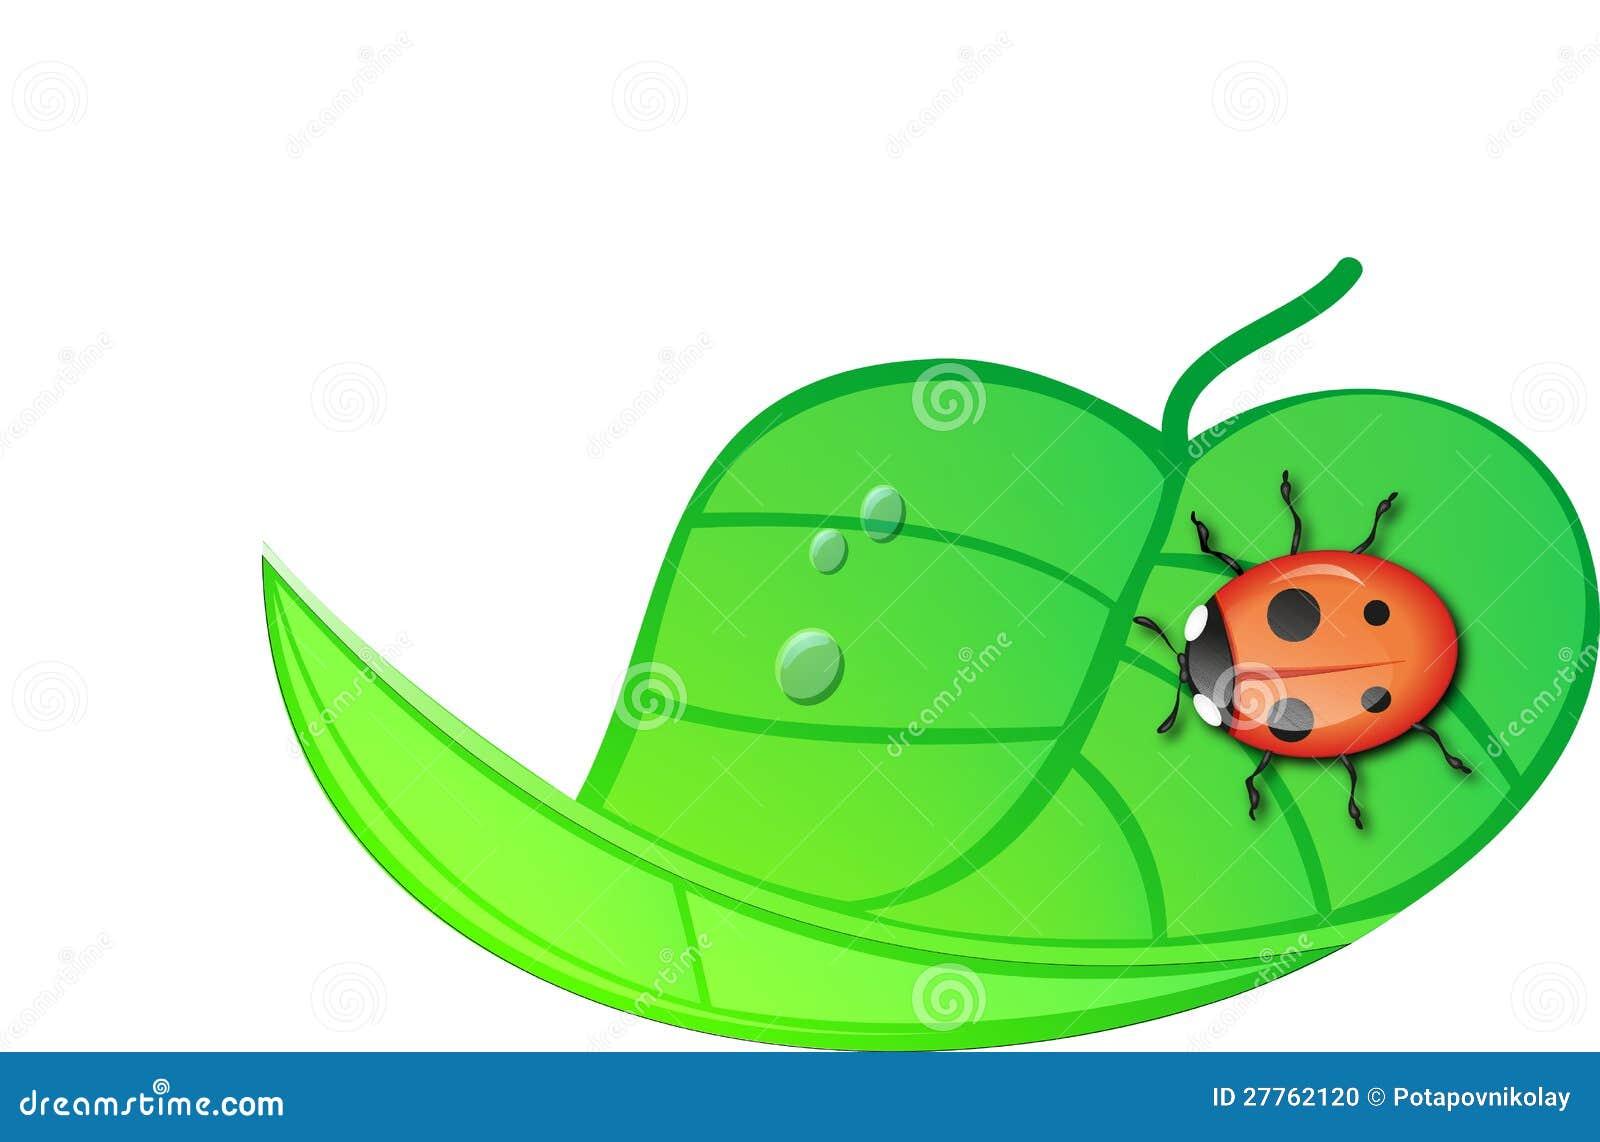 Coccinelle se reposant sur une lame enveloppée verte.